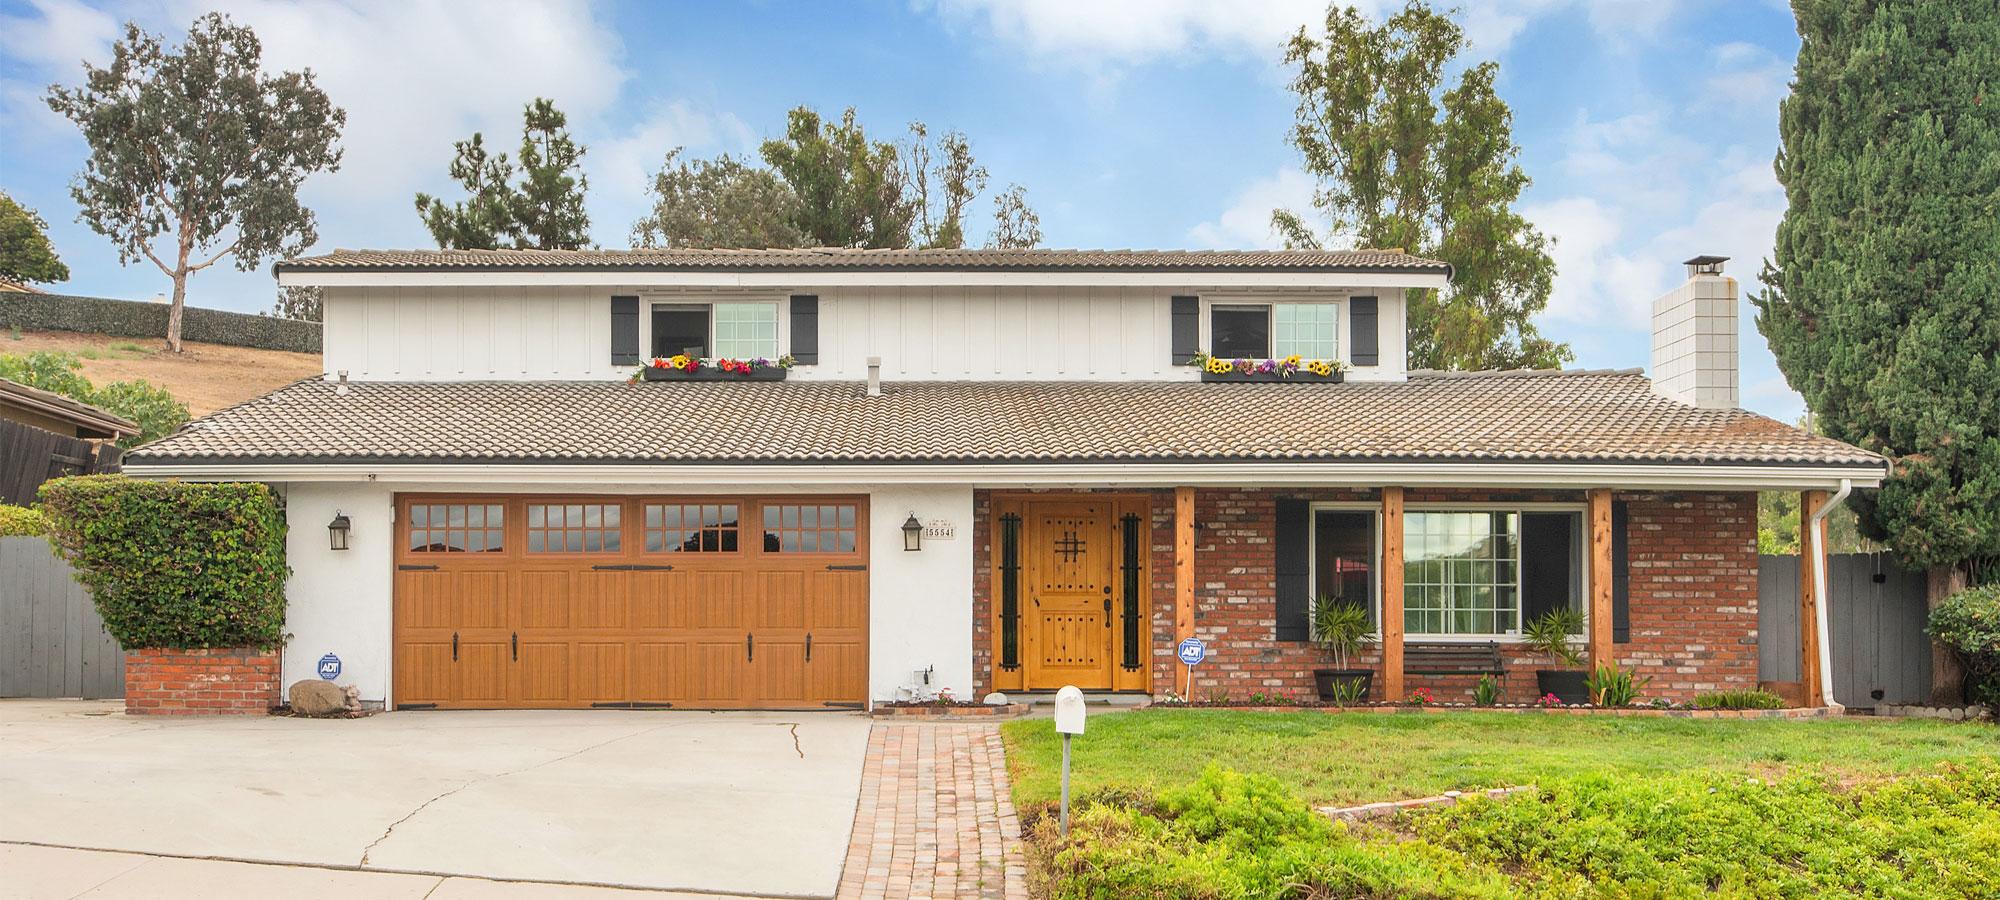 5554 Central Ave Bonita, CA 91902